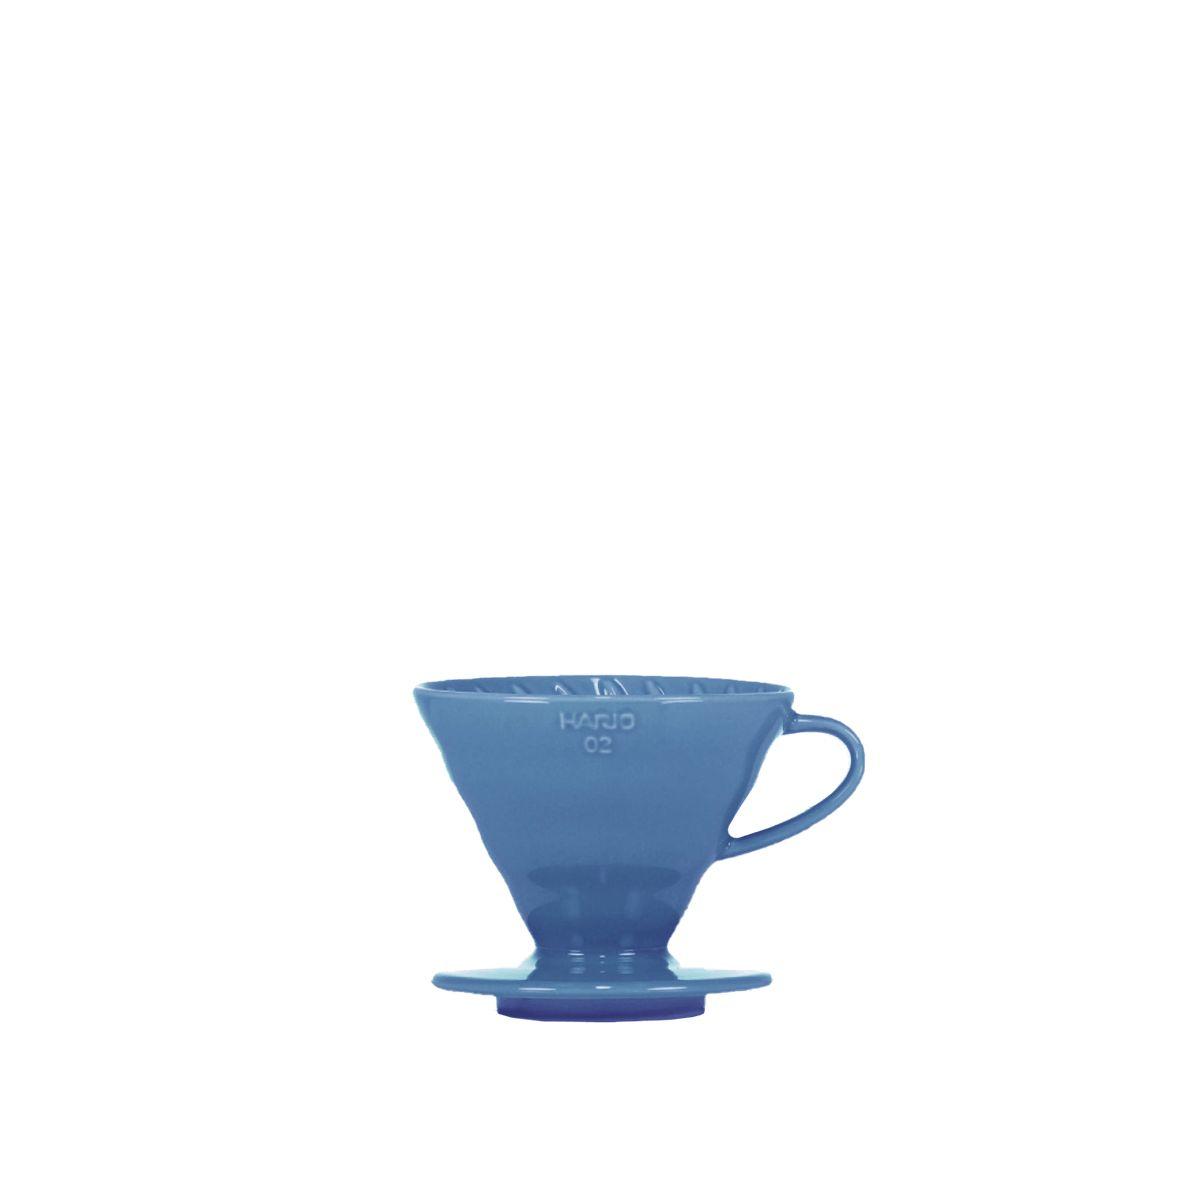 V60 dripper Hario porcelaine [3/4 tasses] - Bleu